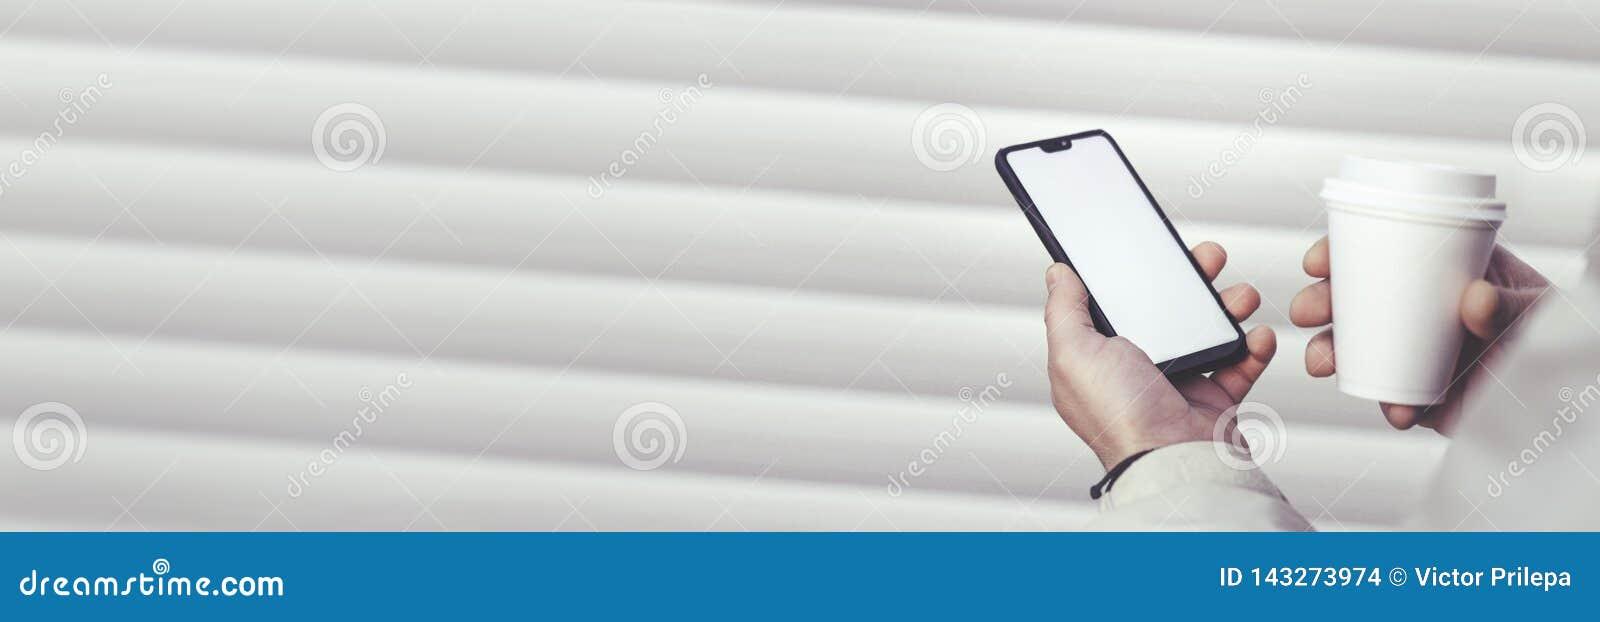 Χλεύη επάνω ενός smartphone και ενός πλαστικού φλυτζανιού με τον καφέ στα χέρια ενός τύπου σε ένα άσπρο υπόβαθρο